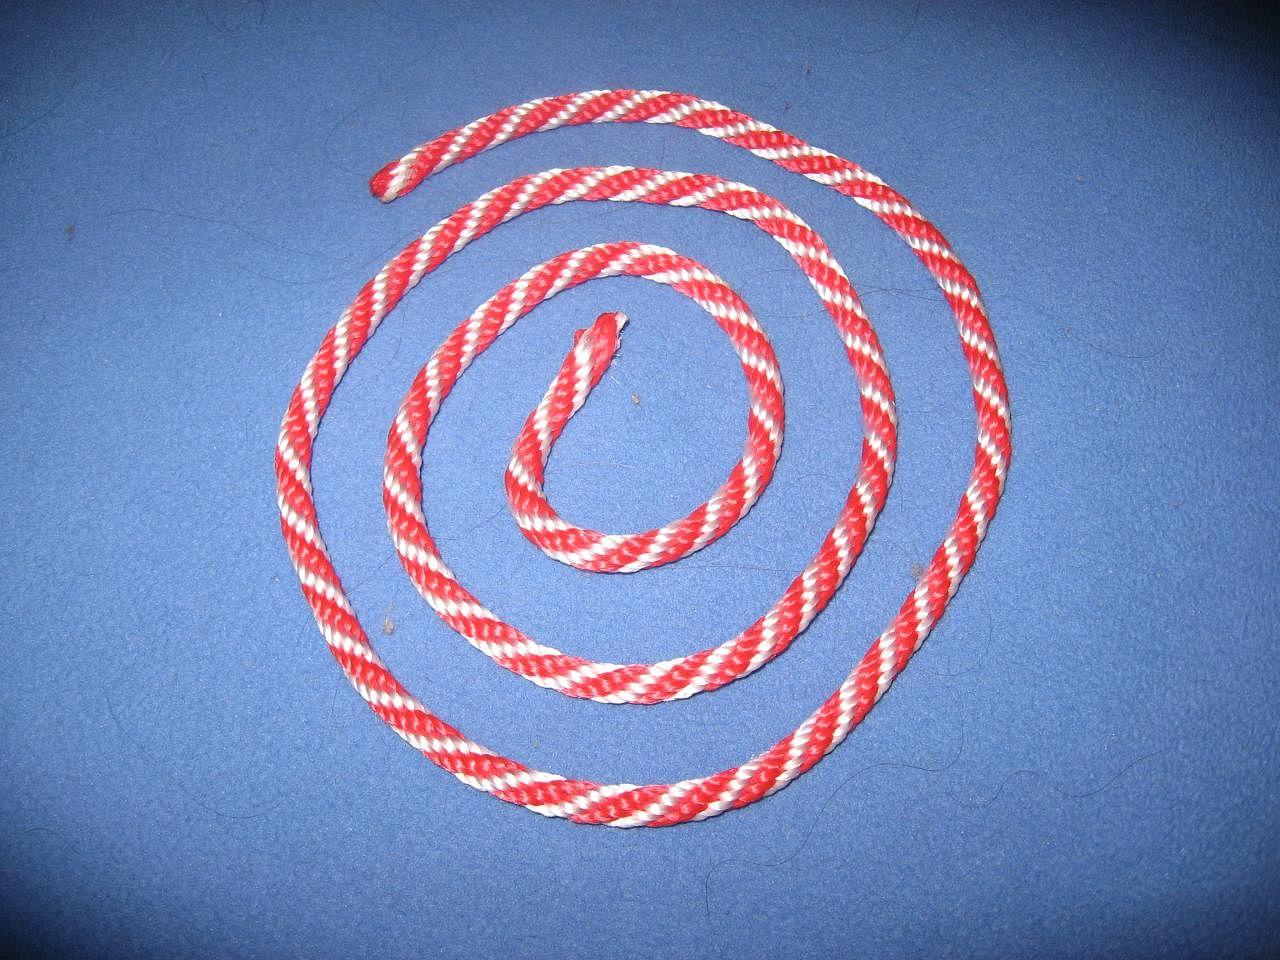 Super Rope